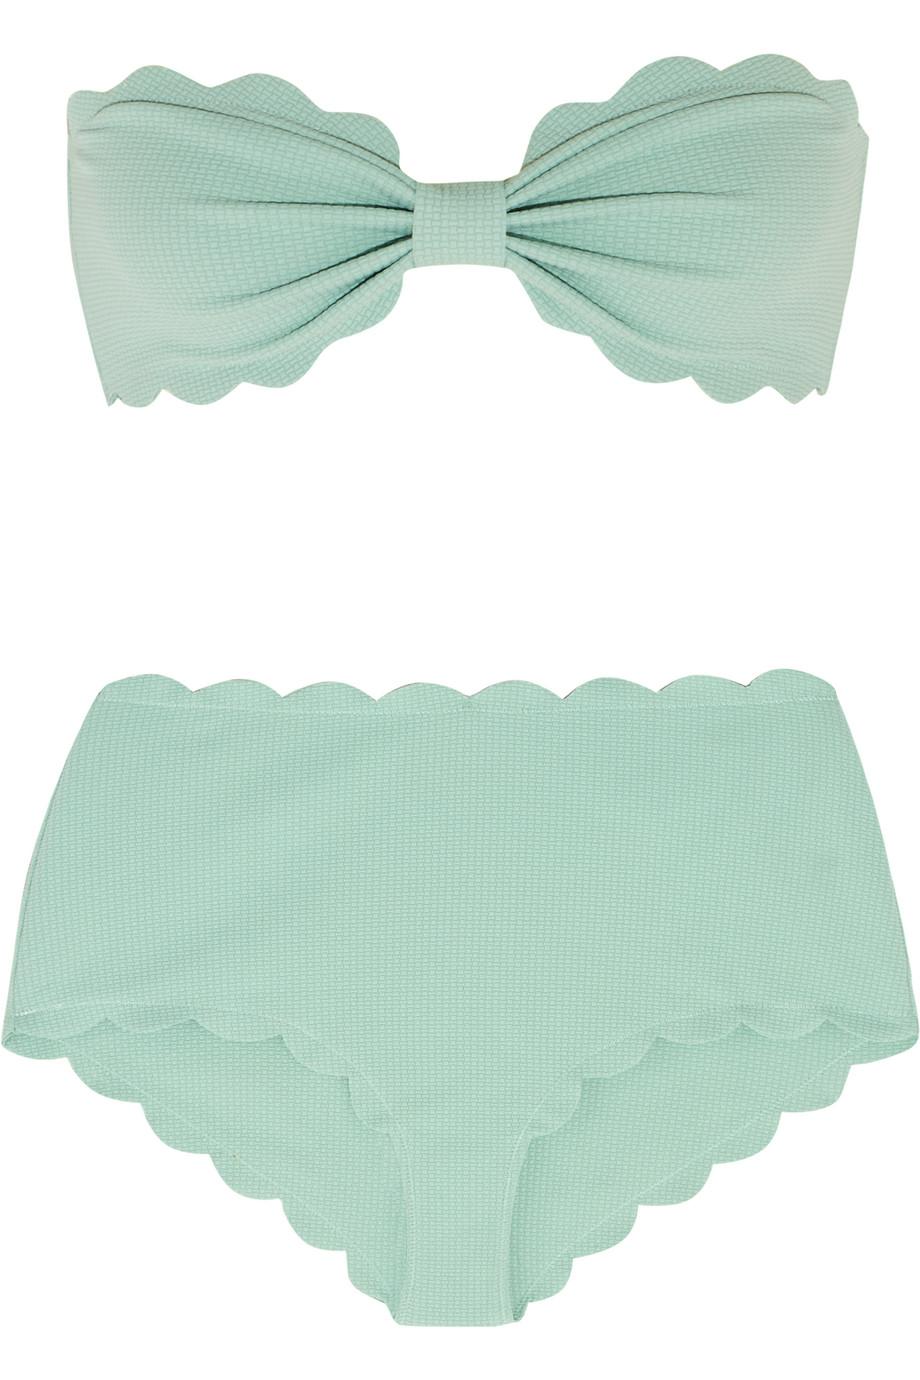 Marysia Antibes and Santa Monica Scalloped Bandeau Bikini, Mint, Women's, Size: XS